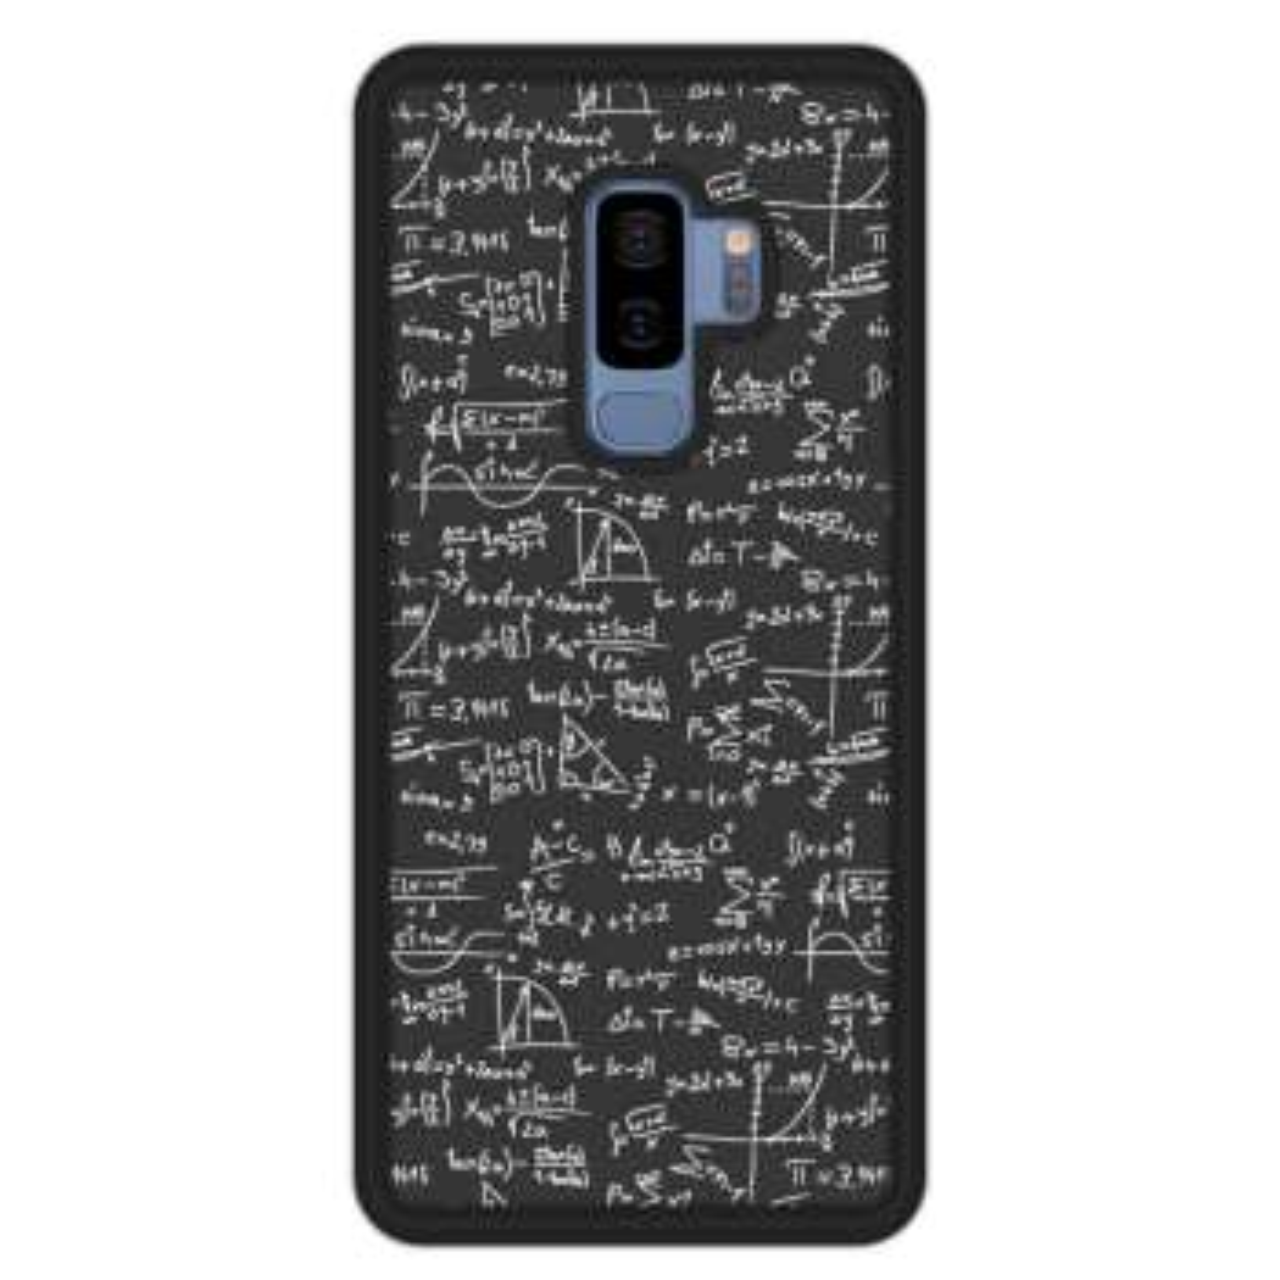 کاور مدل AS9P0271 مناسب براي گوشی موبايل سامسونگ گلکسی اس 9 پلاس